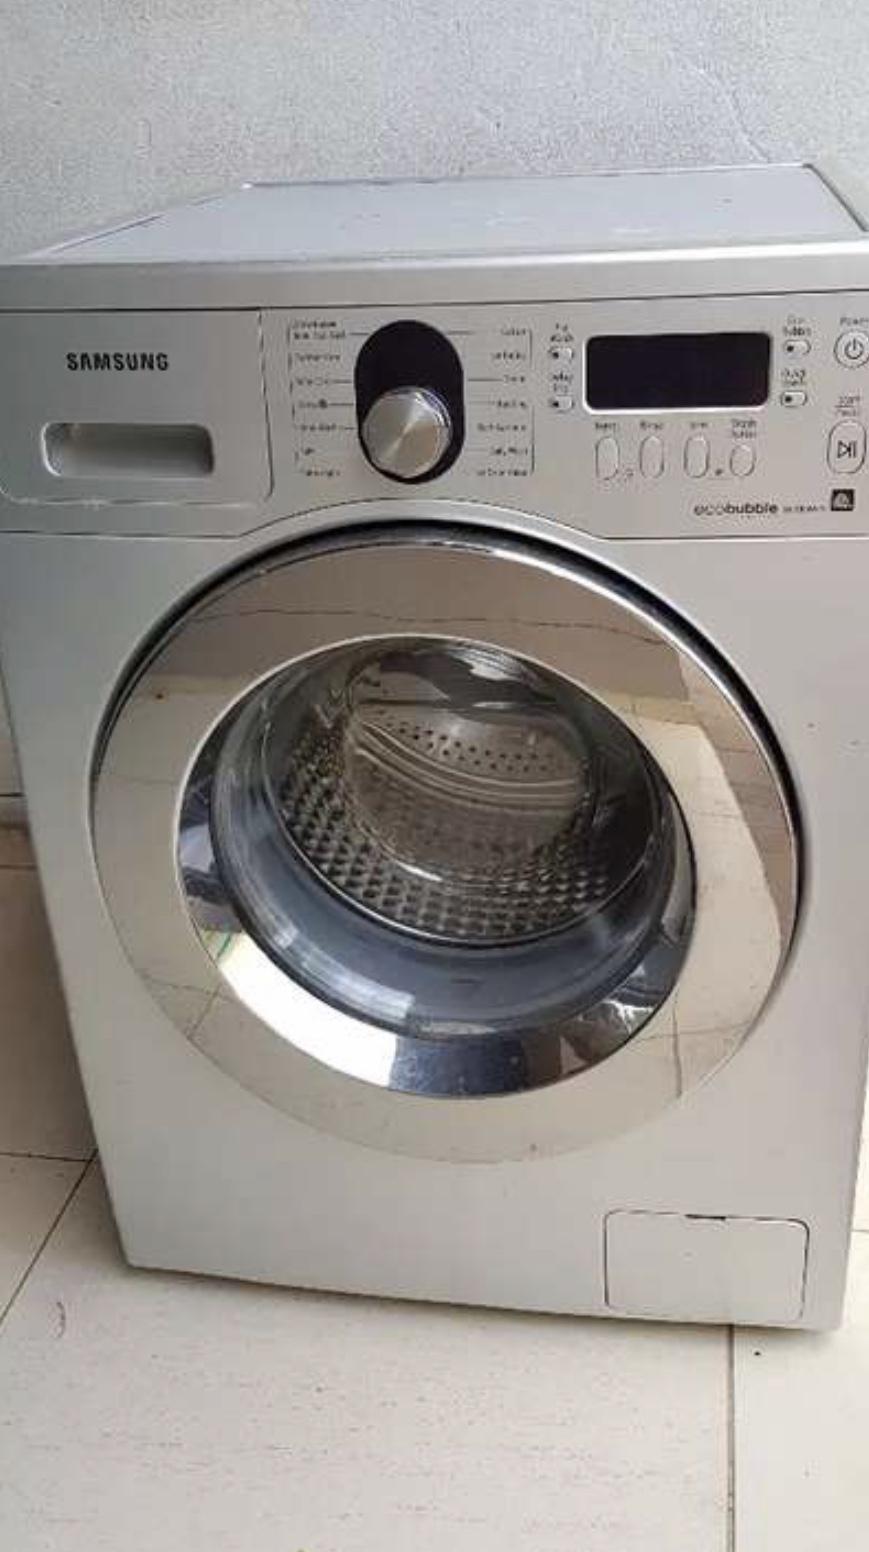 Samsung Samsung 8kg Front Loader Washing Machine.